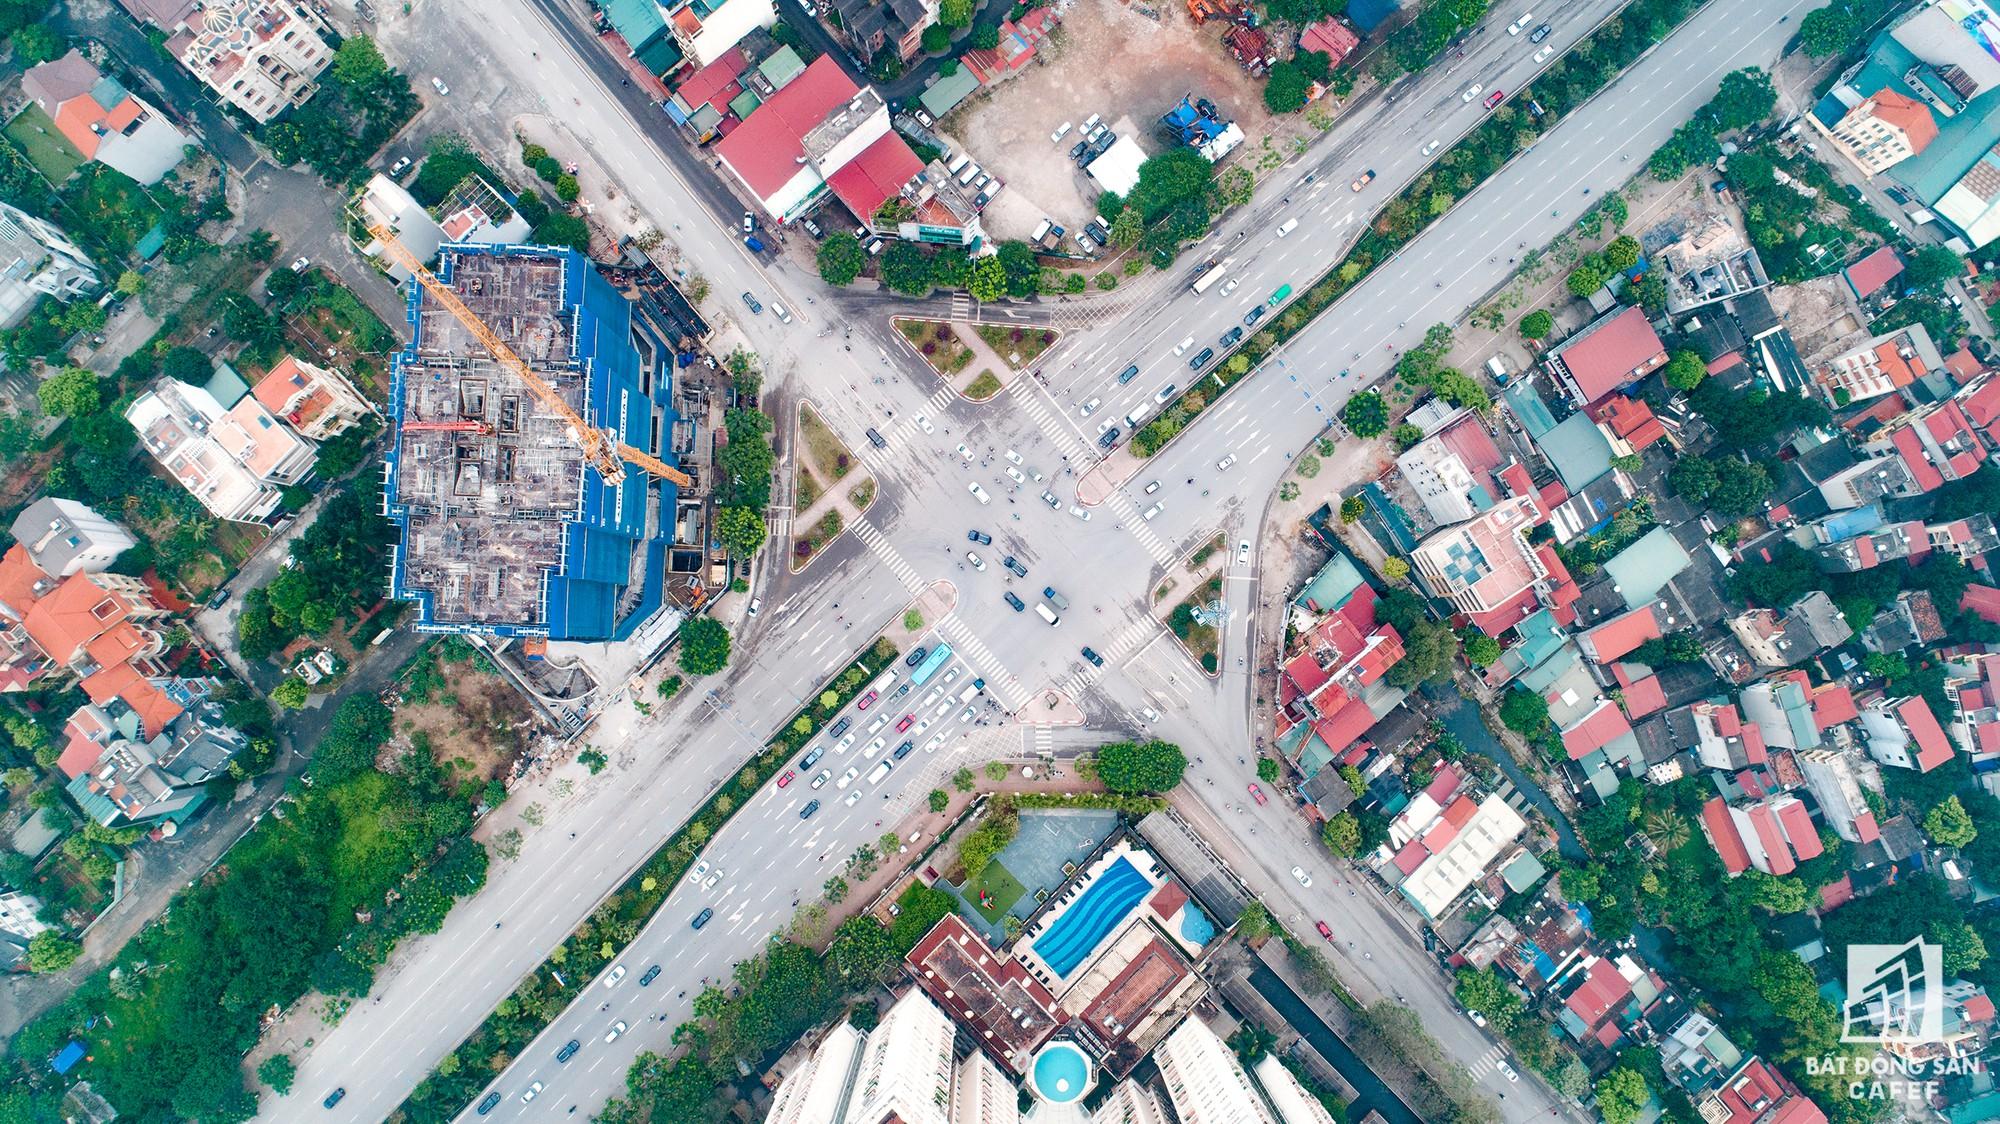 Cận cảnh hàng loạt dự án cao ốc dọc trục đường 8 làn xe tại trung tâm Hà Nội - Ảnh 11.